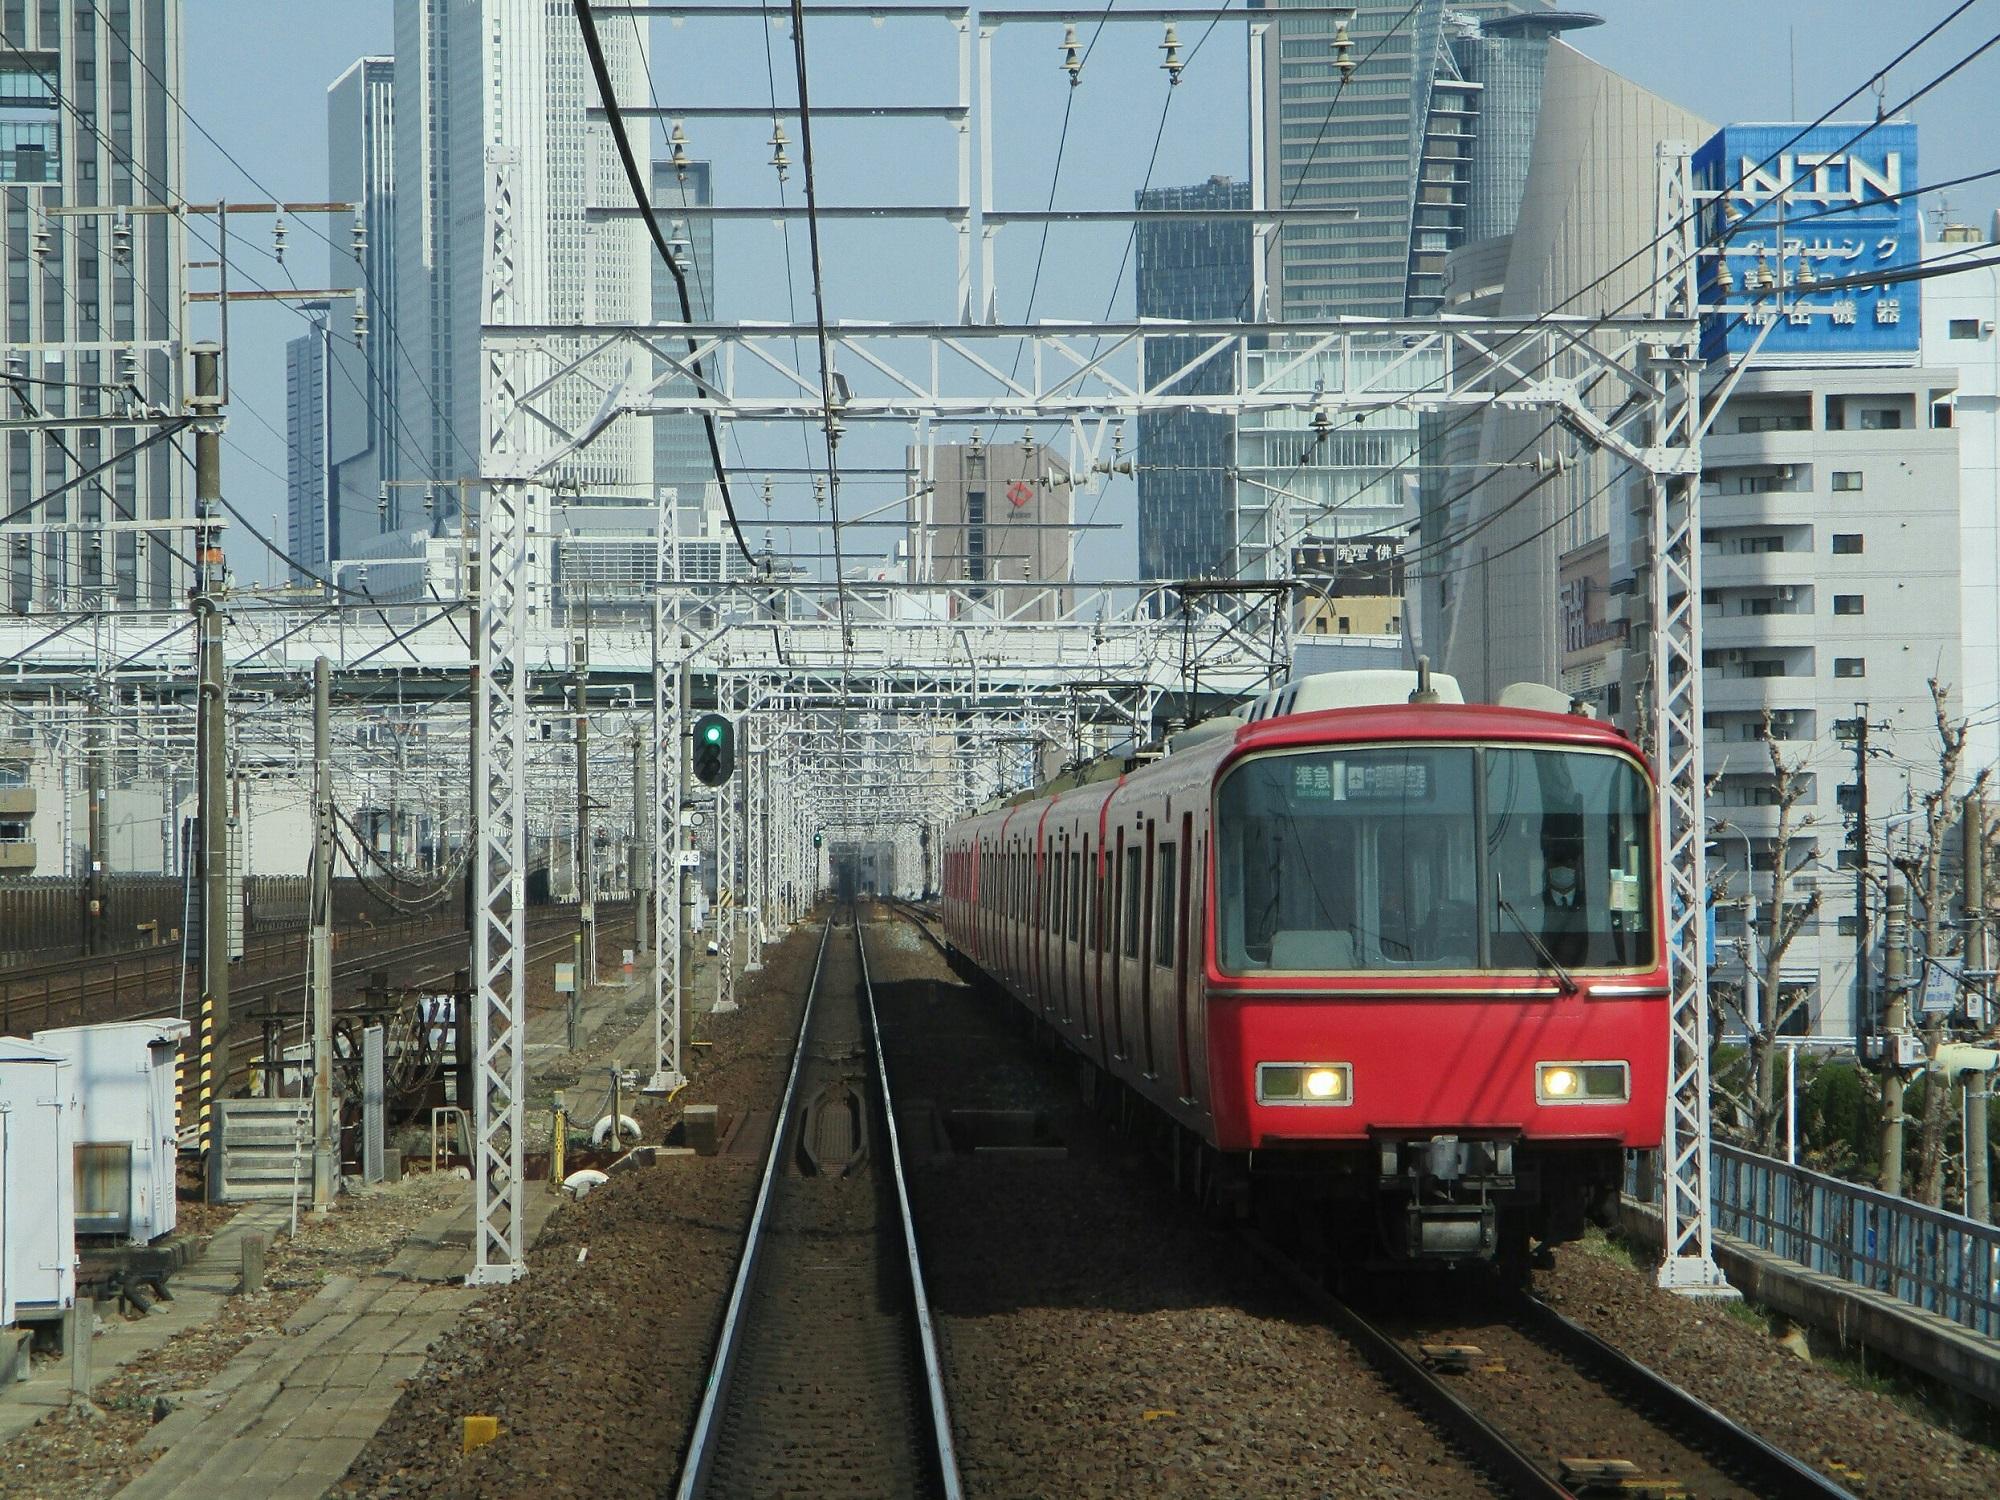 2019.3.27 (52) 弥富いき準急 - 山王名古屋間(セントレアいき準急) 2000-1500